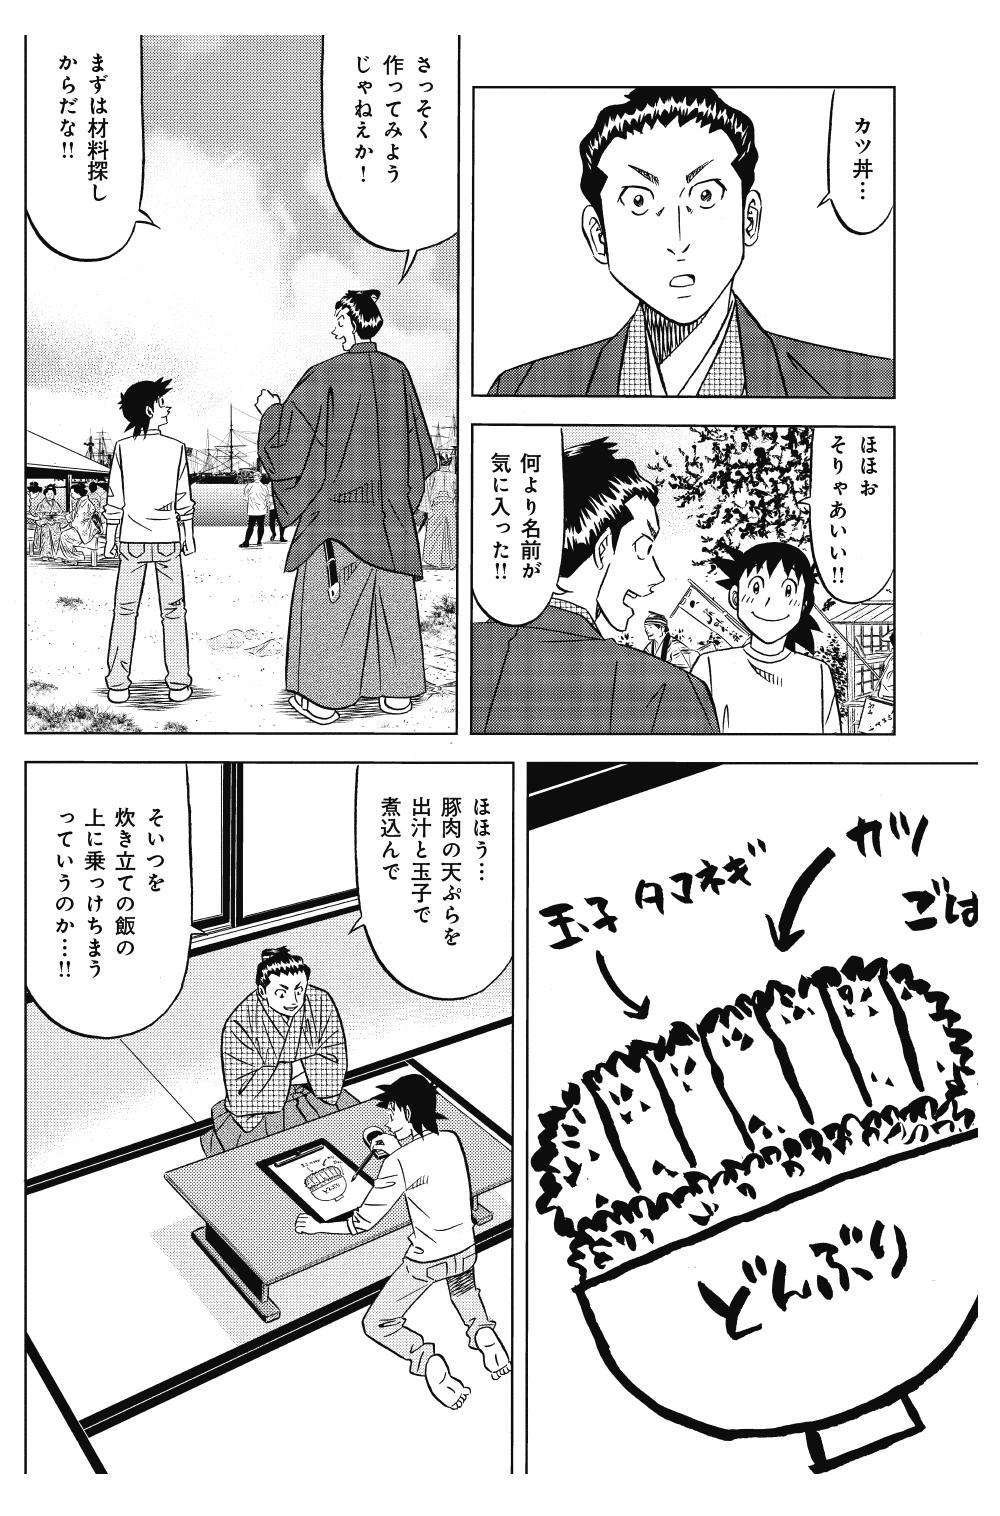 ミスター味っ子 幕末編 第1話「黒船来航」②ajikko19.jpg